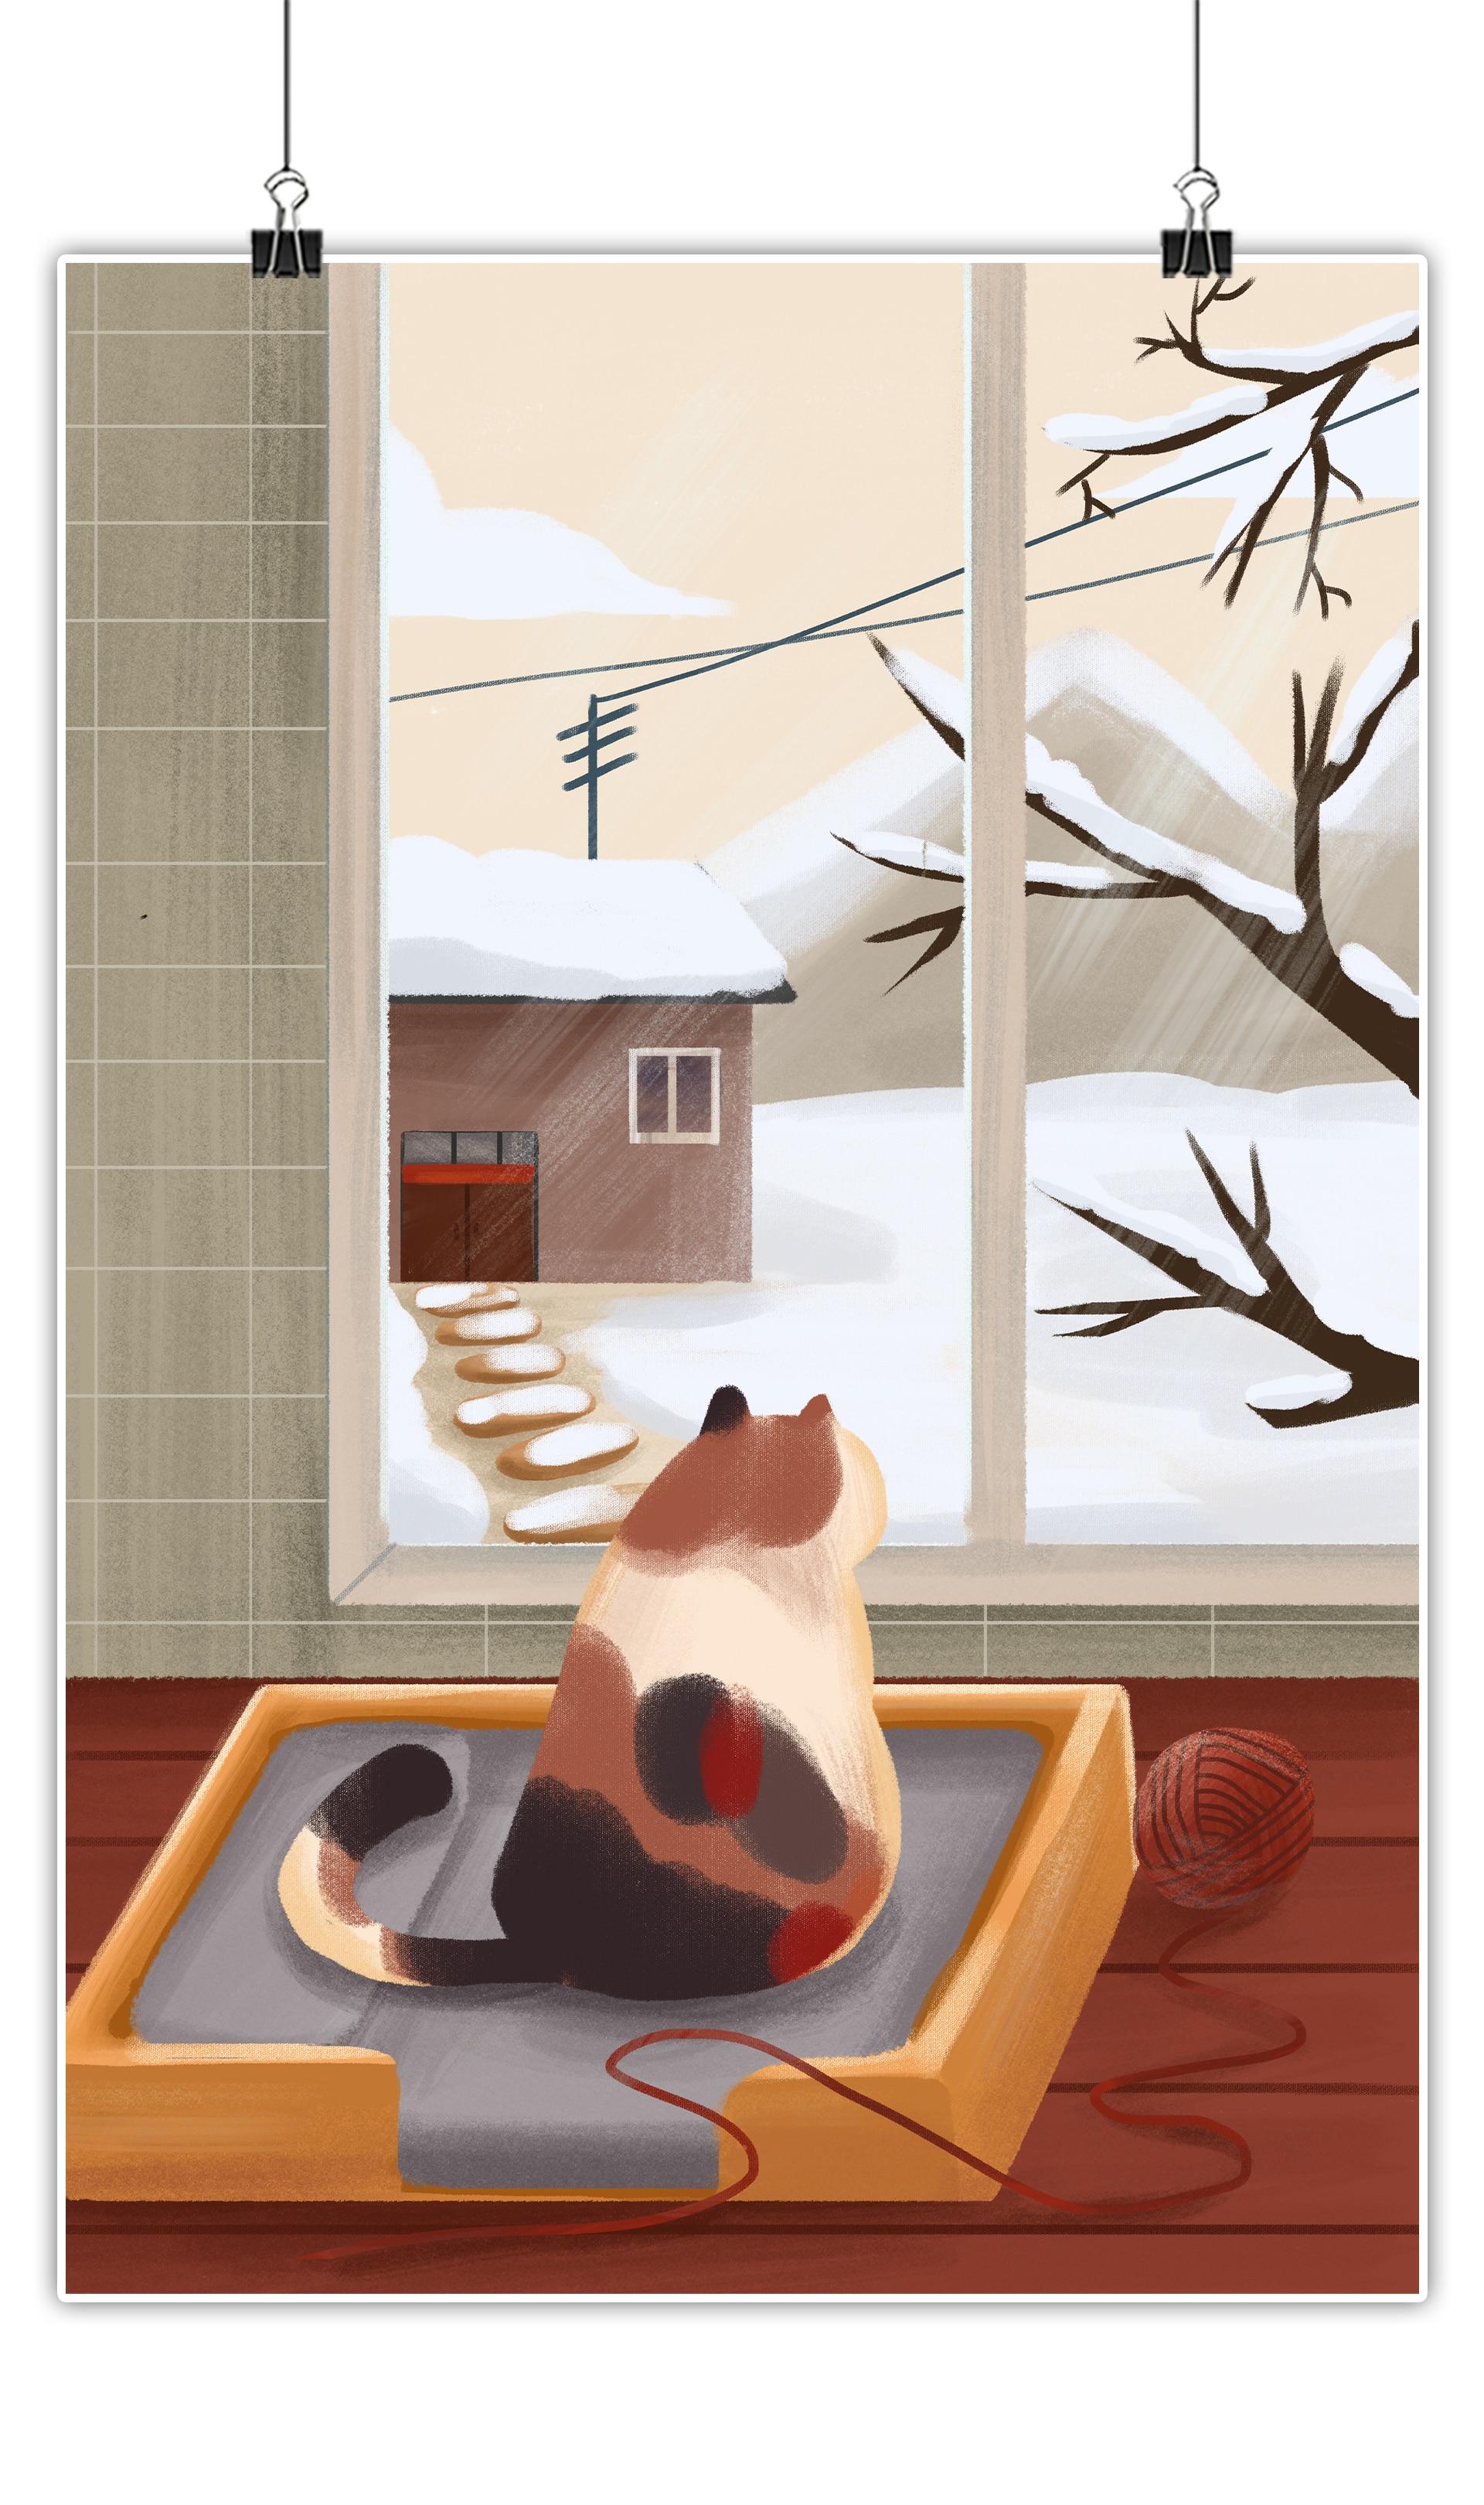 冬日主题在家里望着窗外雪景的猫咪插画